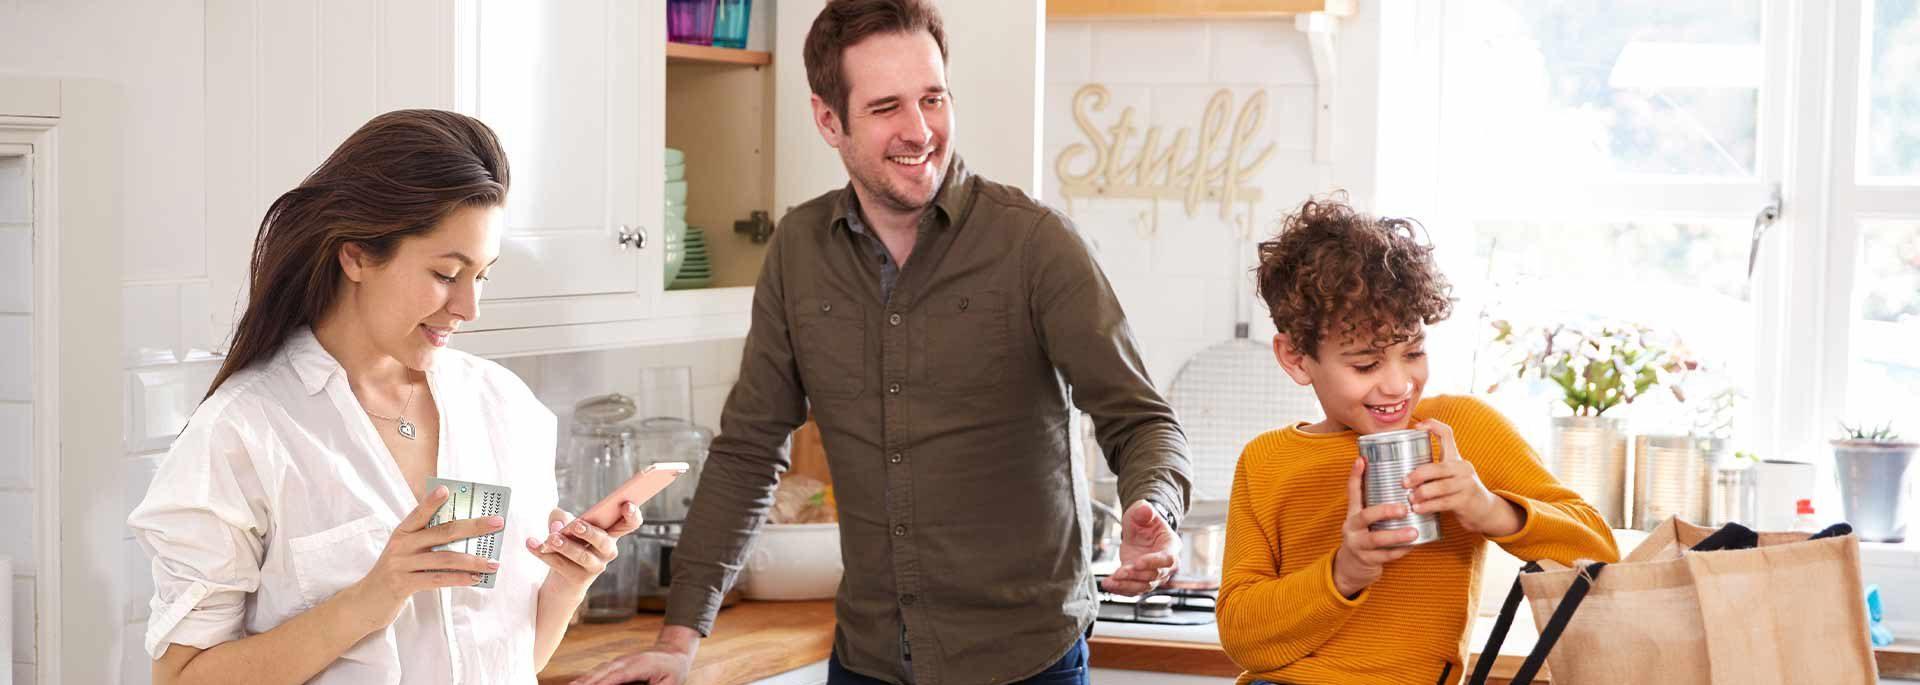 Familie in der Küche, Frau mit Smartphone